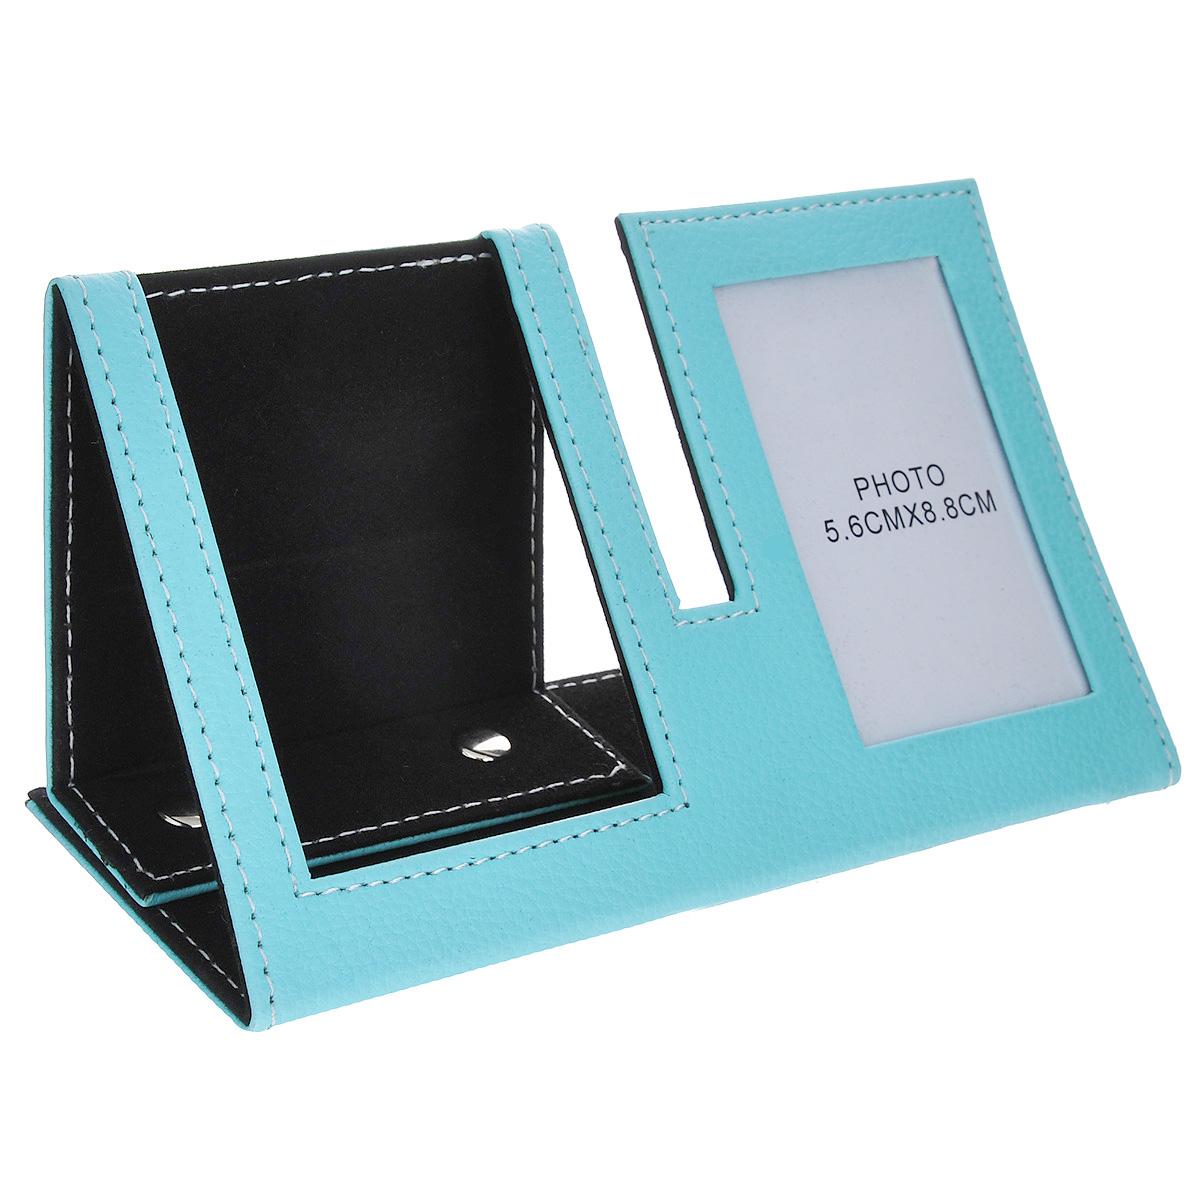 """Подставка под телефон """"Феникс-презент"""", с рамкой для фотографии, цвет: голубой, черный, 18,8 х 7,9 х 9,8 см"""